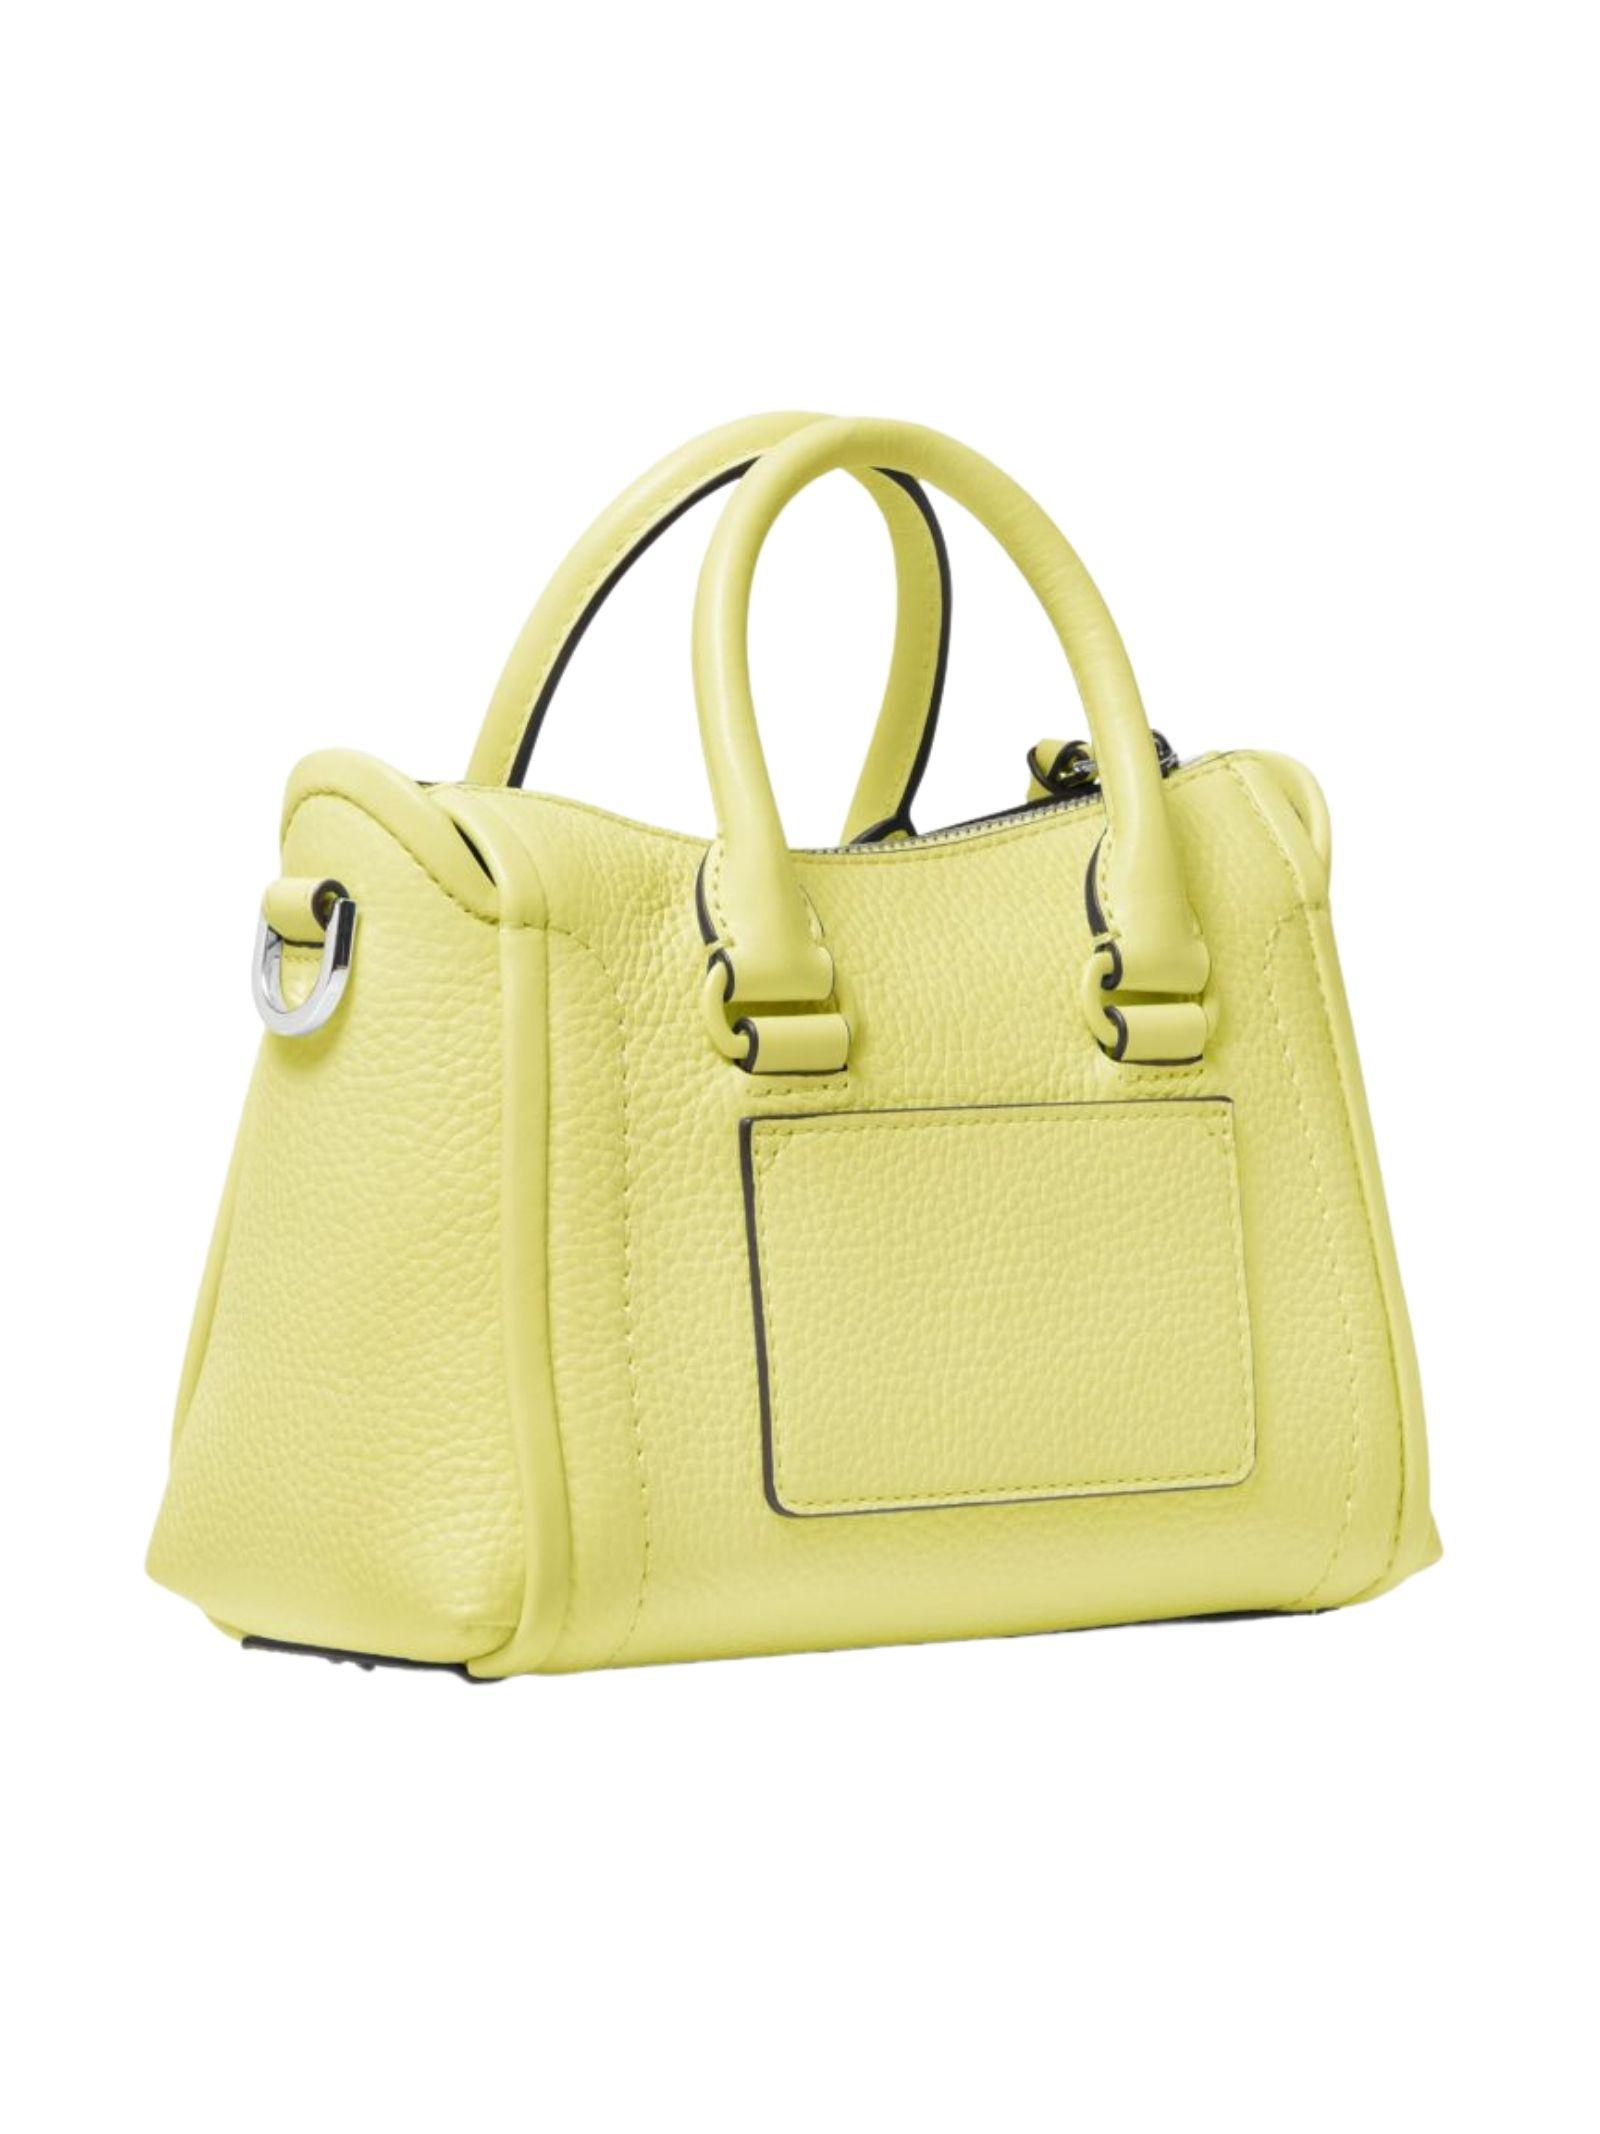 MICHAEL KORS | Handbag | 32S1SCCC0L763